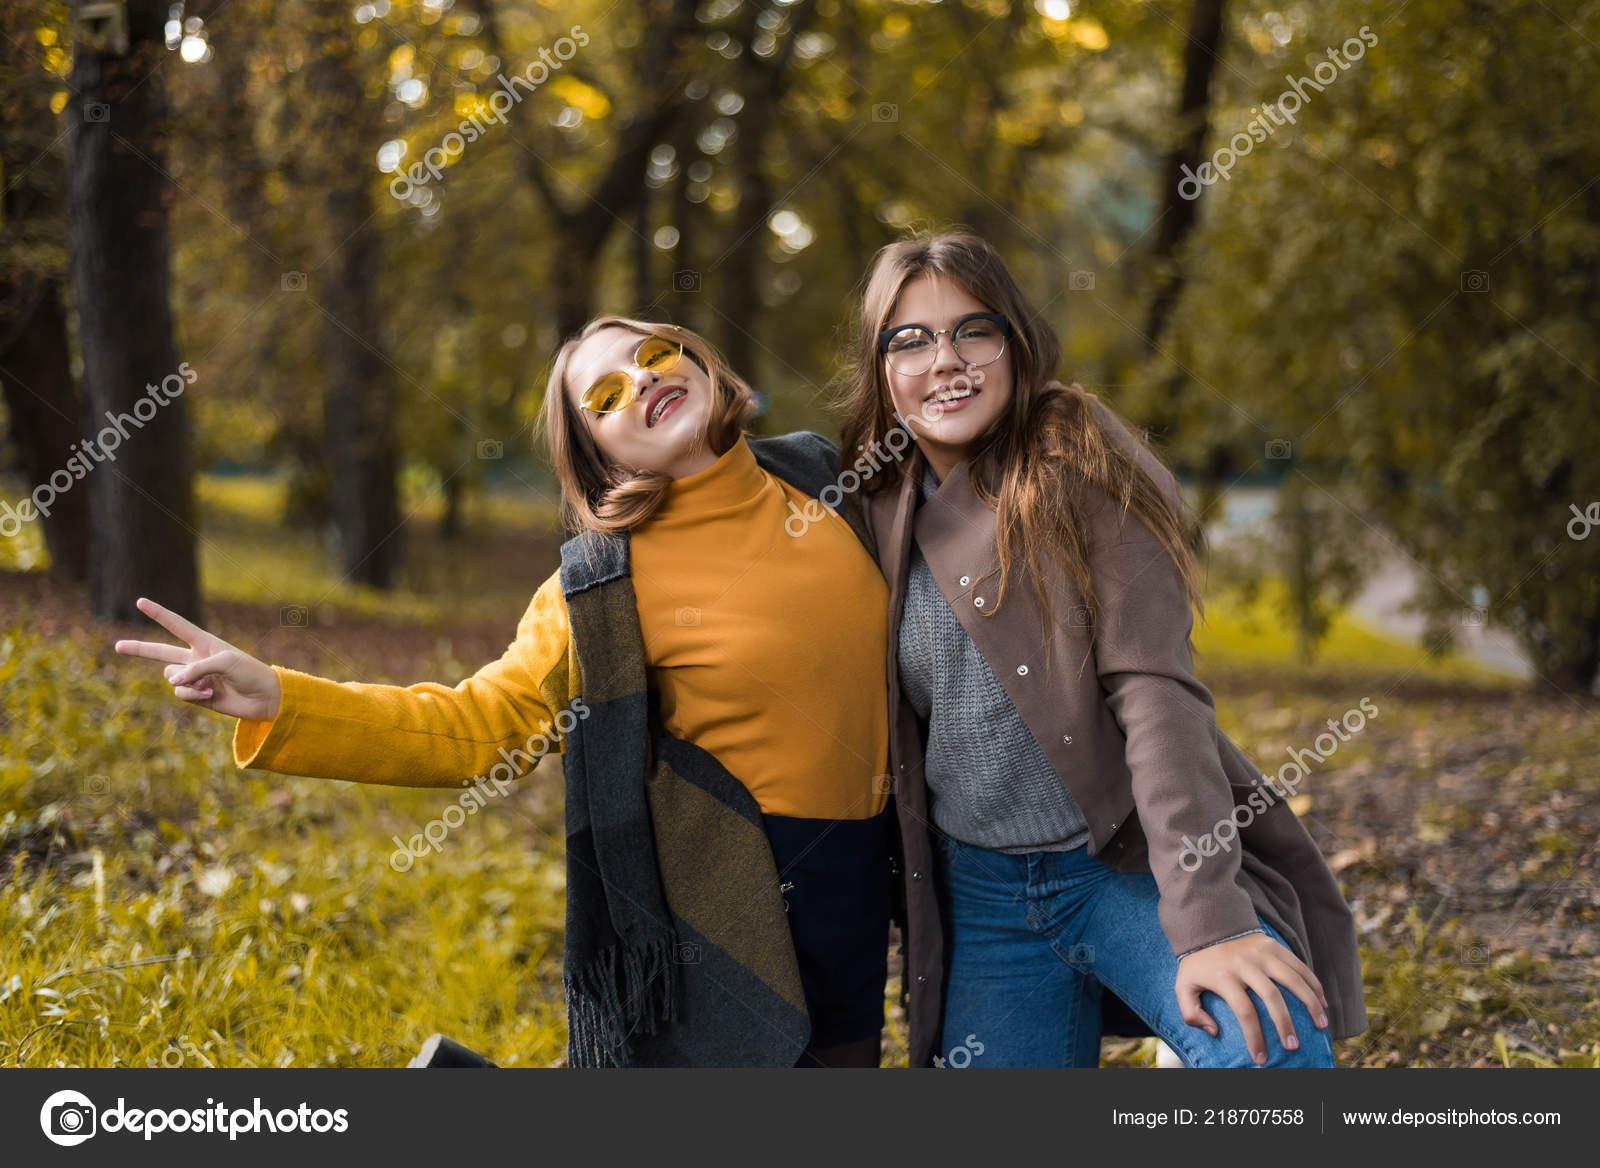 fecb5932545 Duas Adolescentes Estão Divertindo Parque Roupa Outono Engraçado Amigas  Jogando — Fotografia de Stock